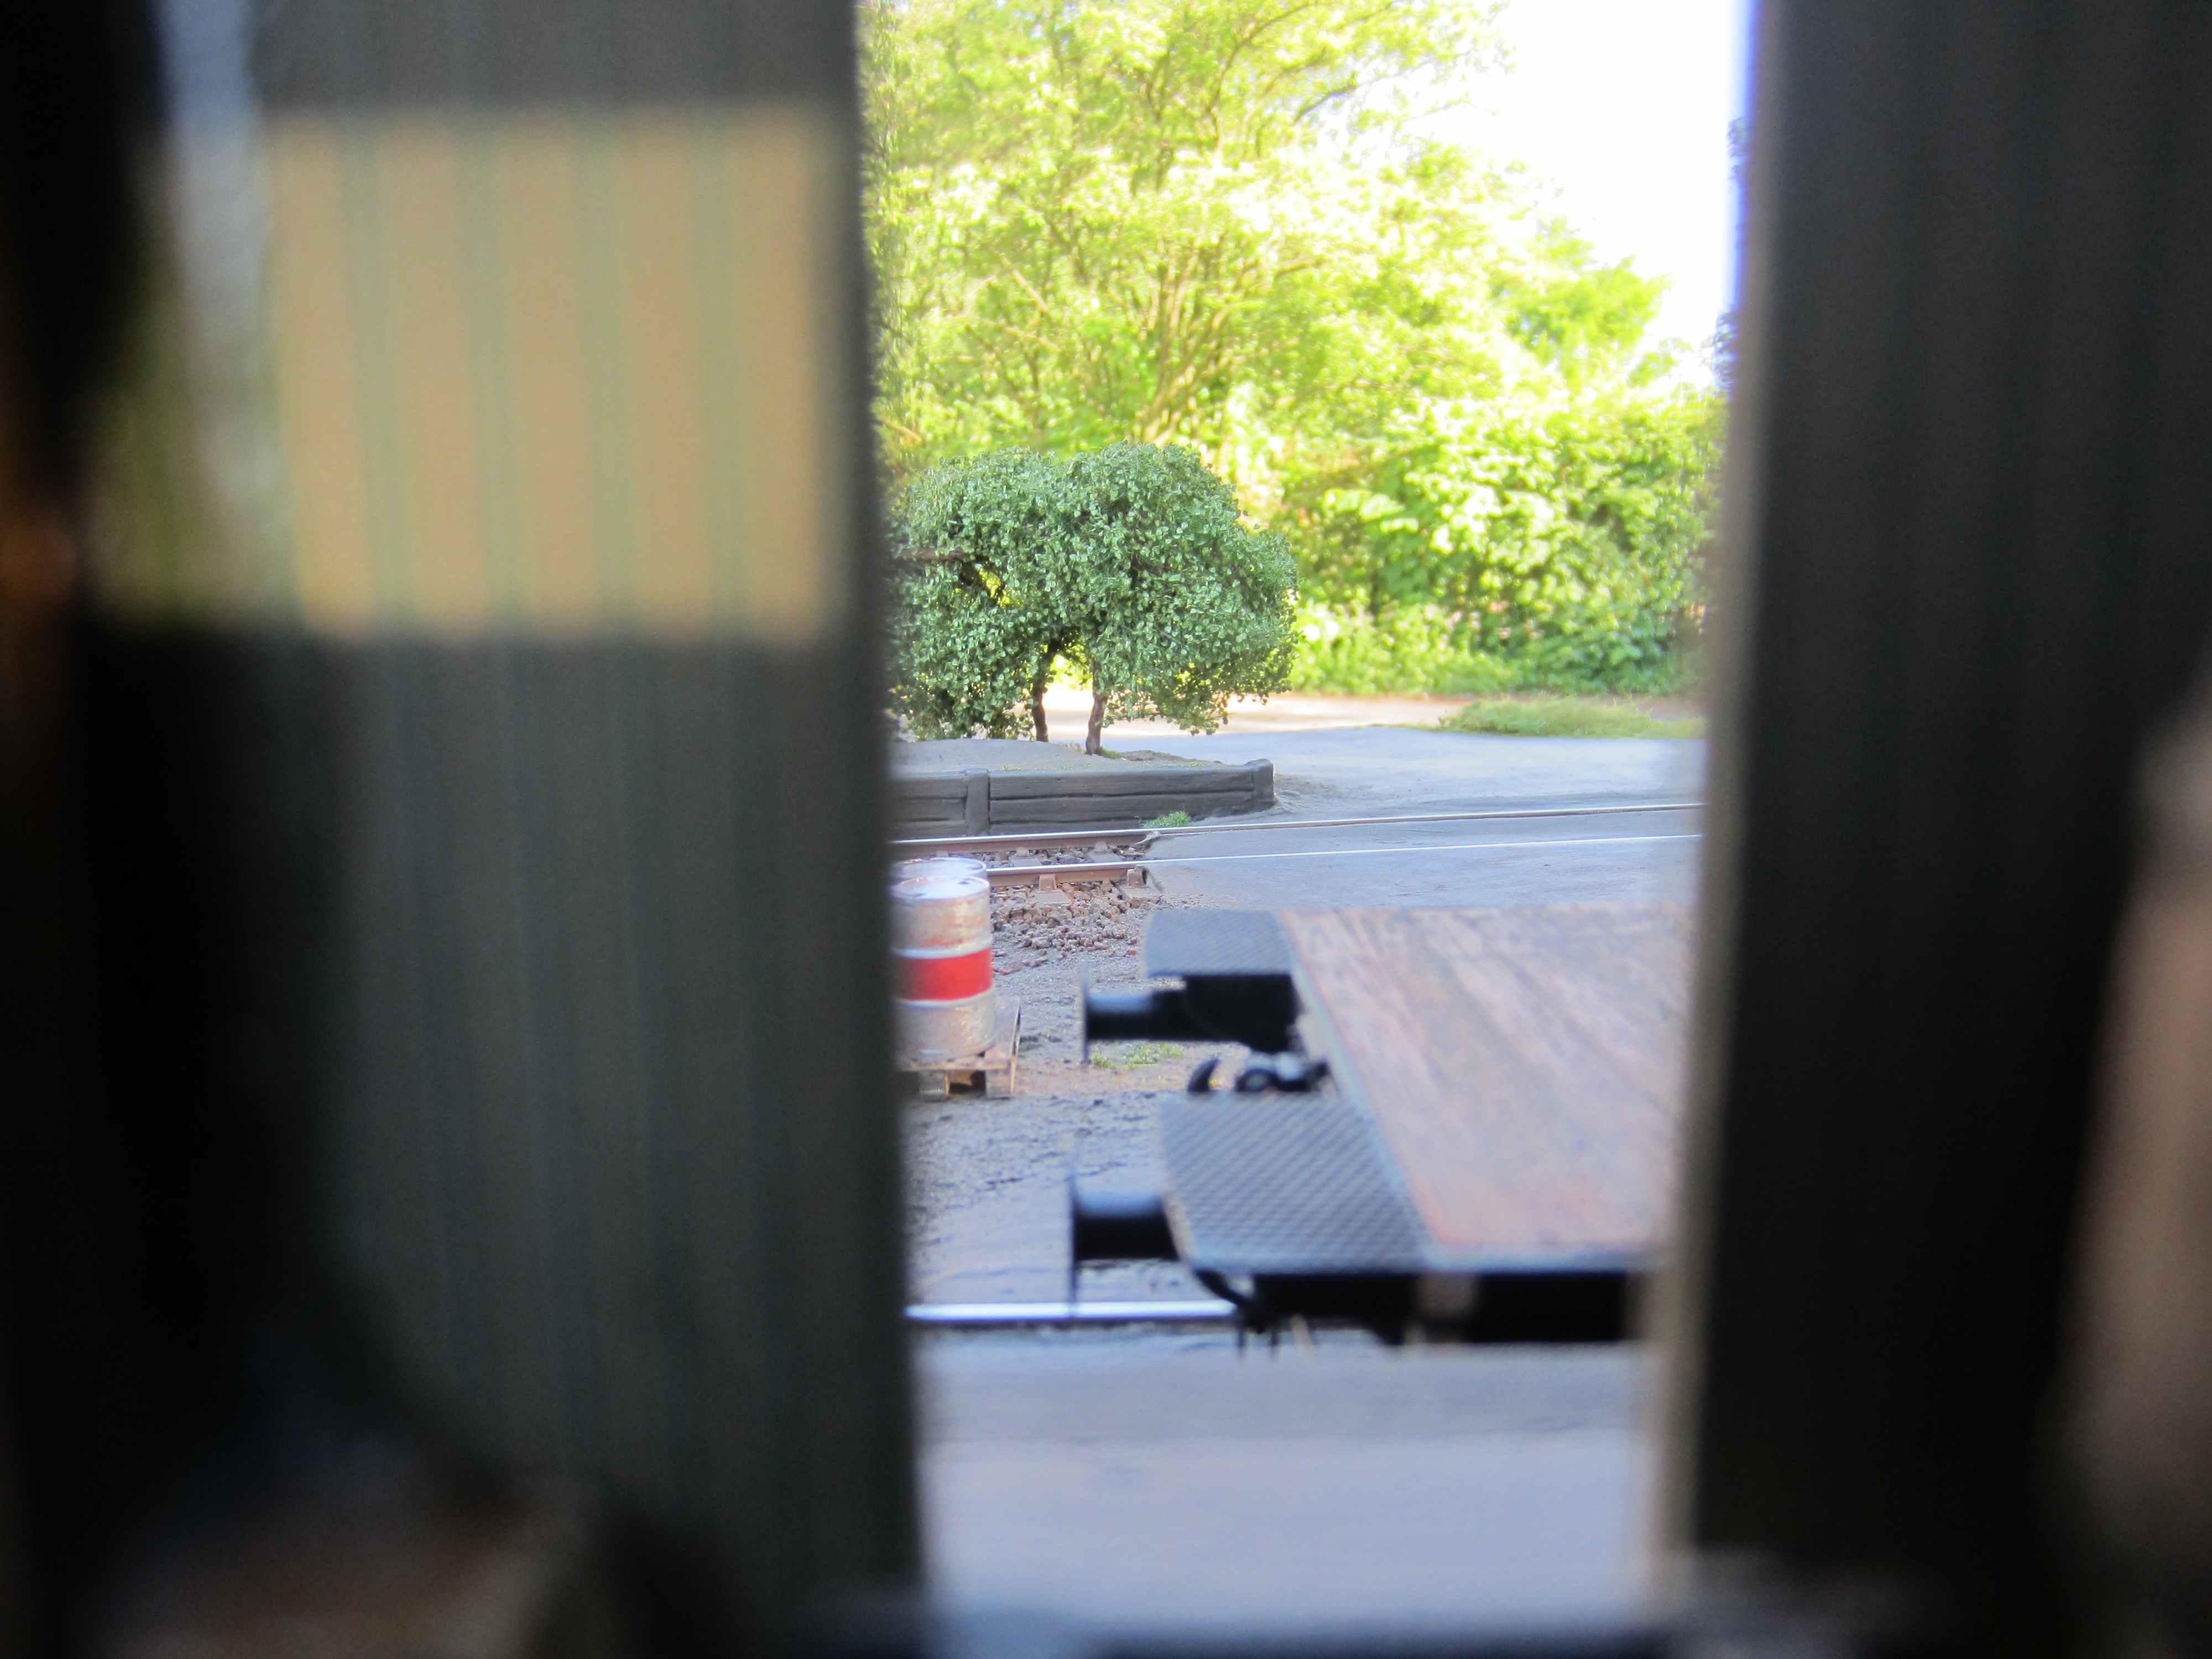 spur null in a nutshell 2 3qm module im arbeitszimmer ausgestaltung anlagenbau 2. Black Bedroom Furniture Sets. Home Design Ideas